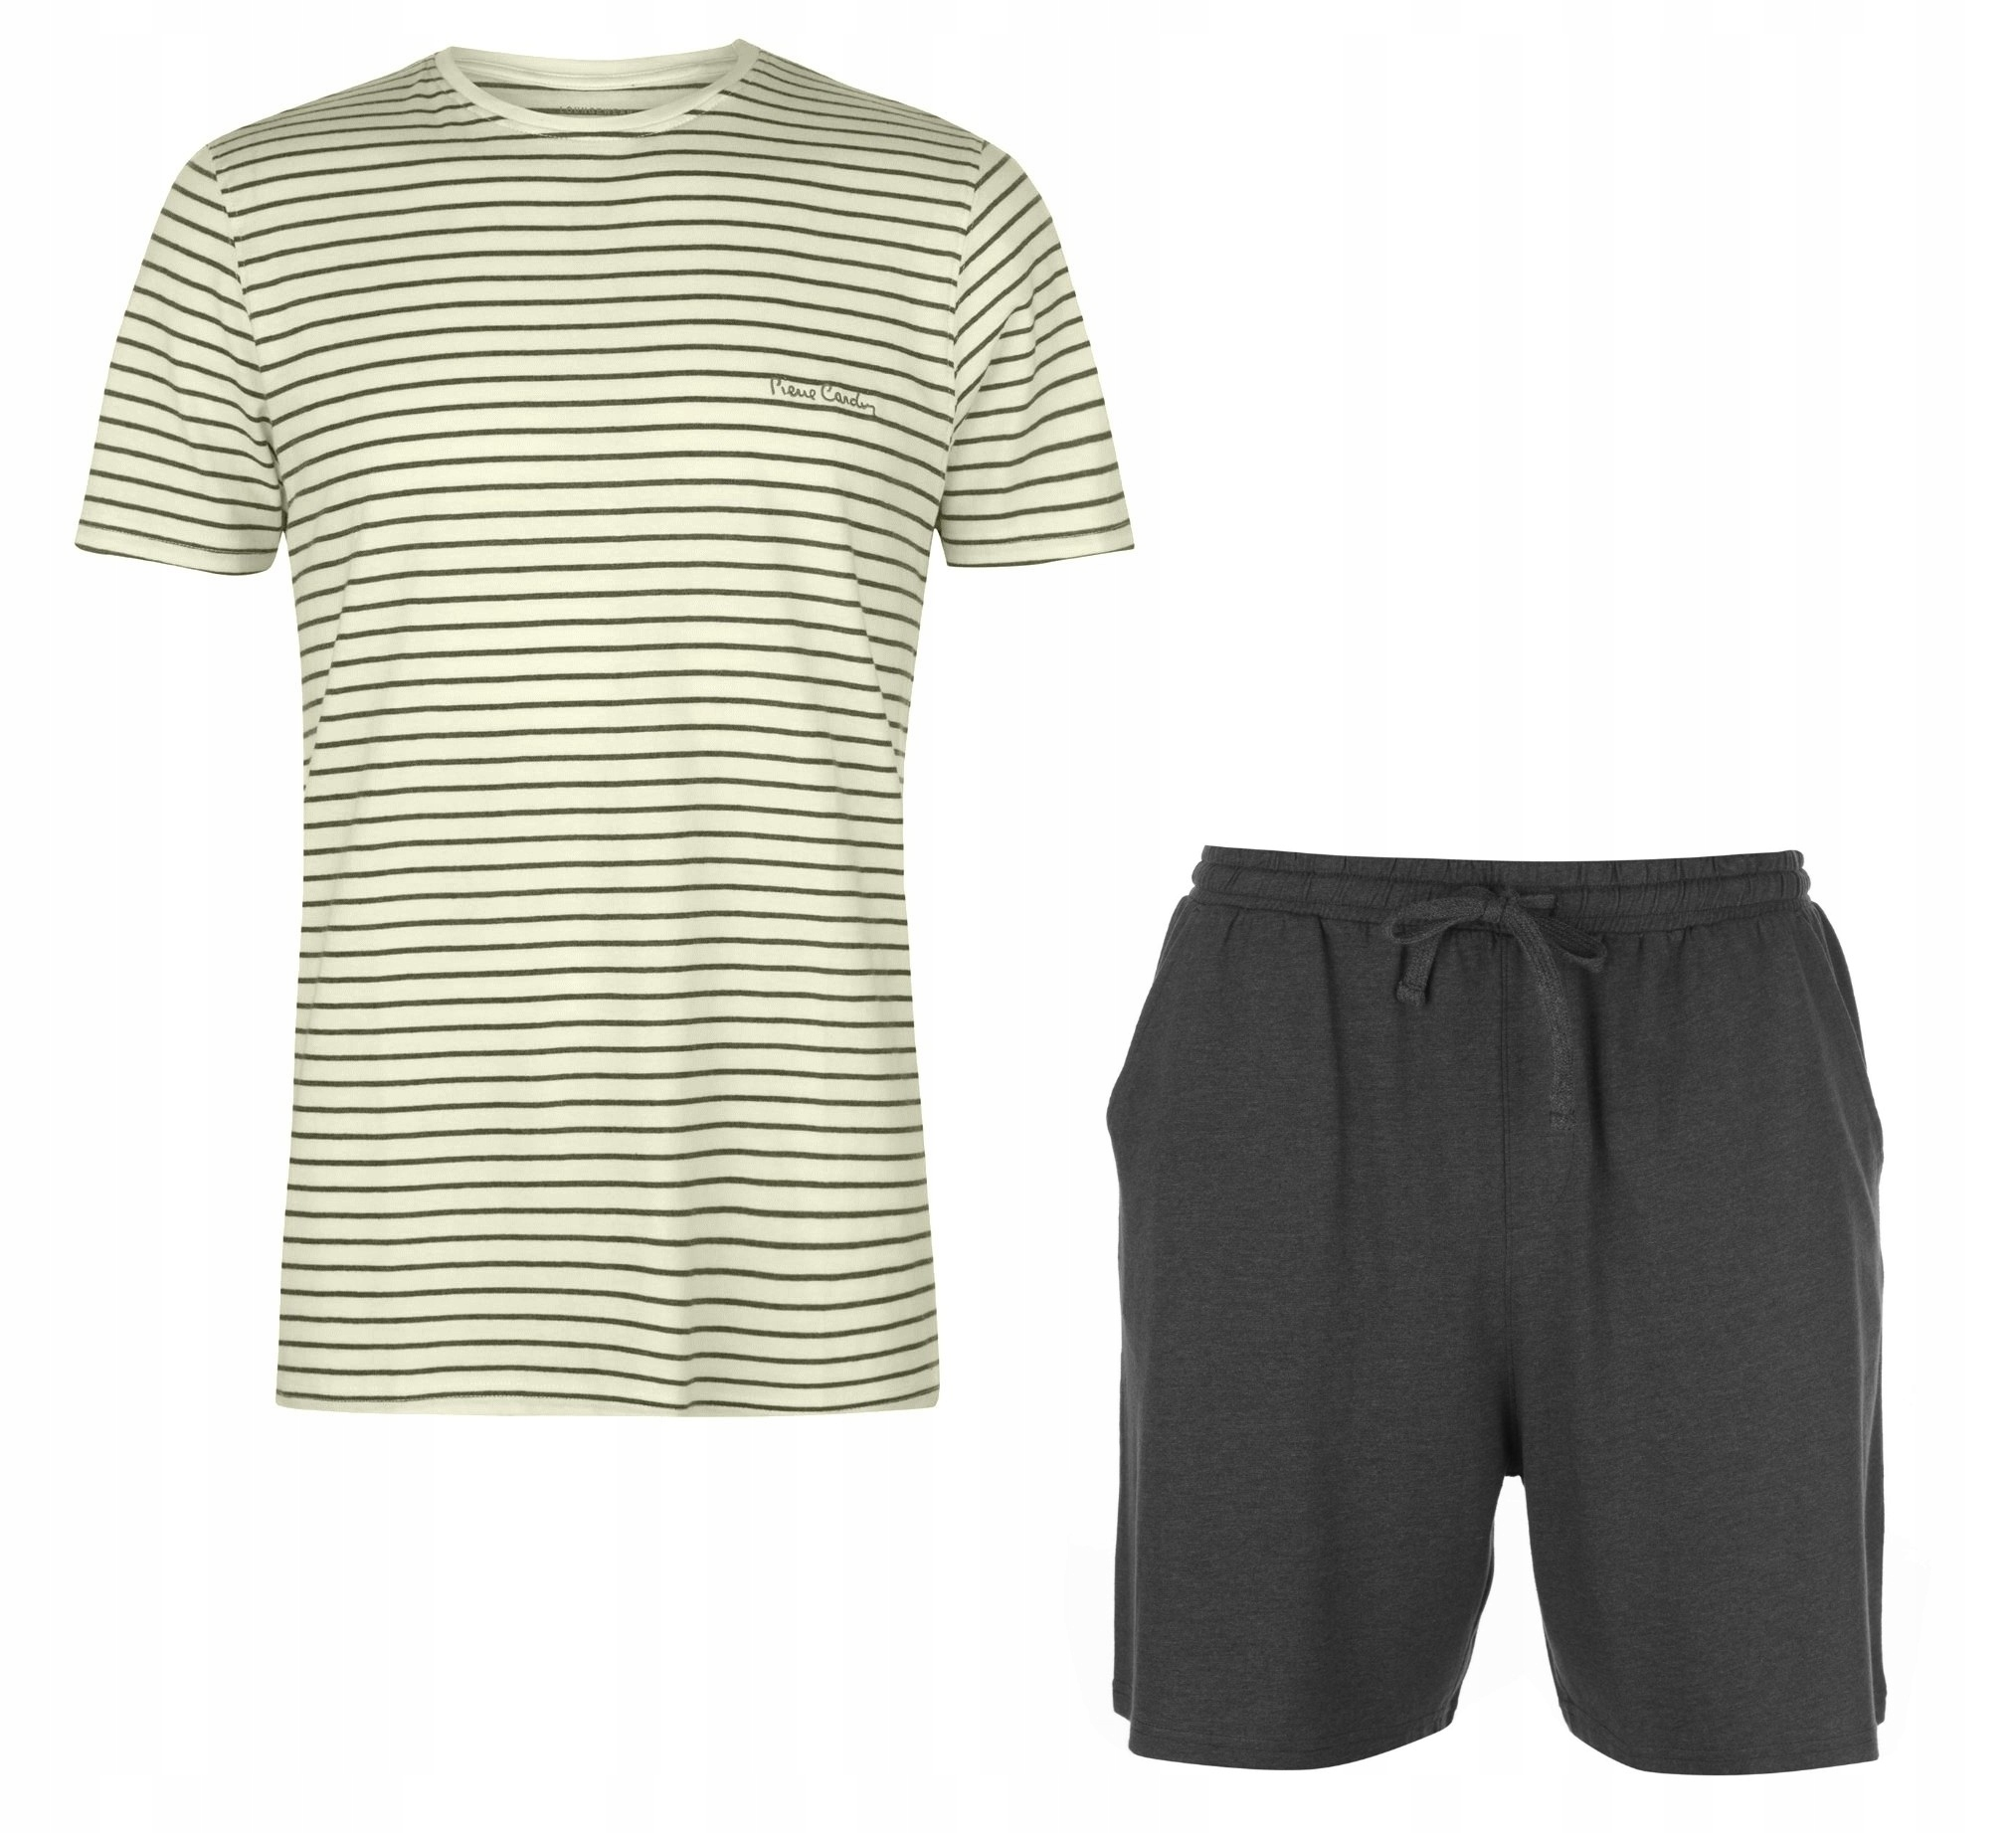 Piżama PIERRE CARDIN bokserki + koszulka M 78-92cm